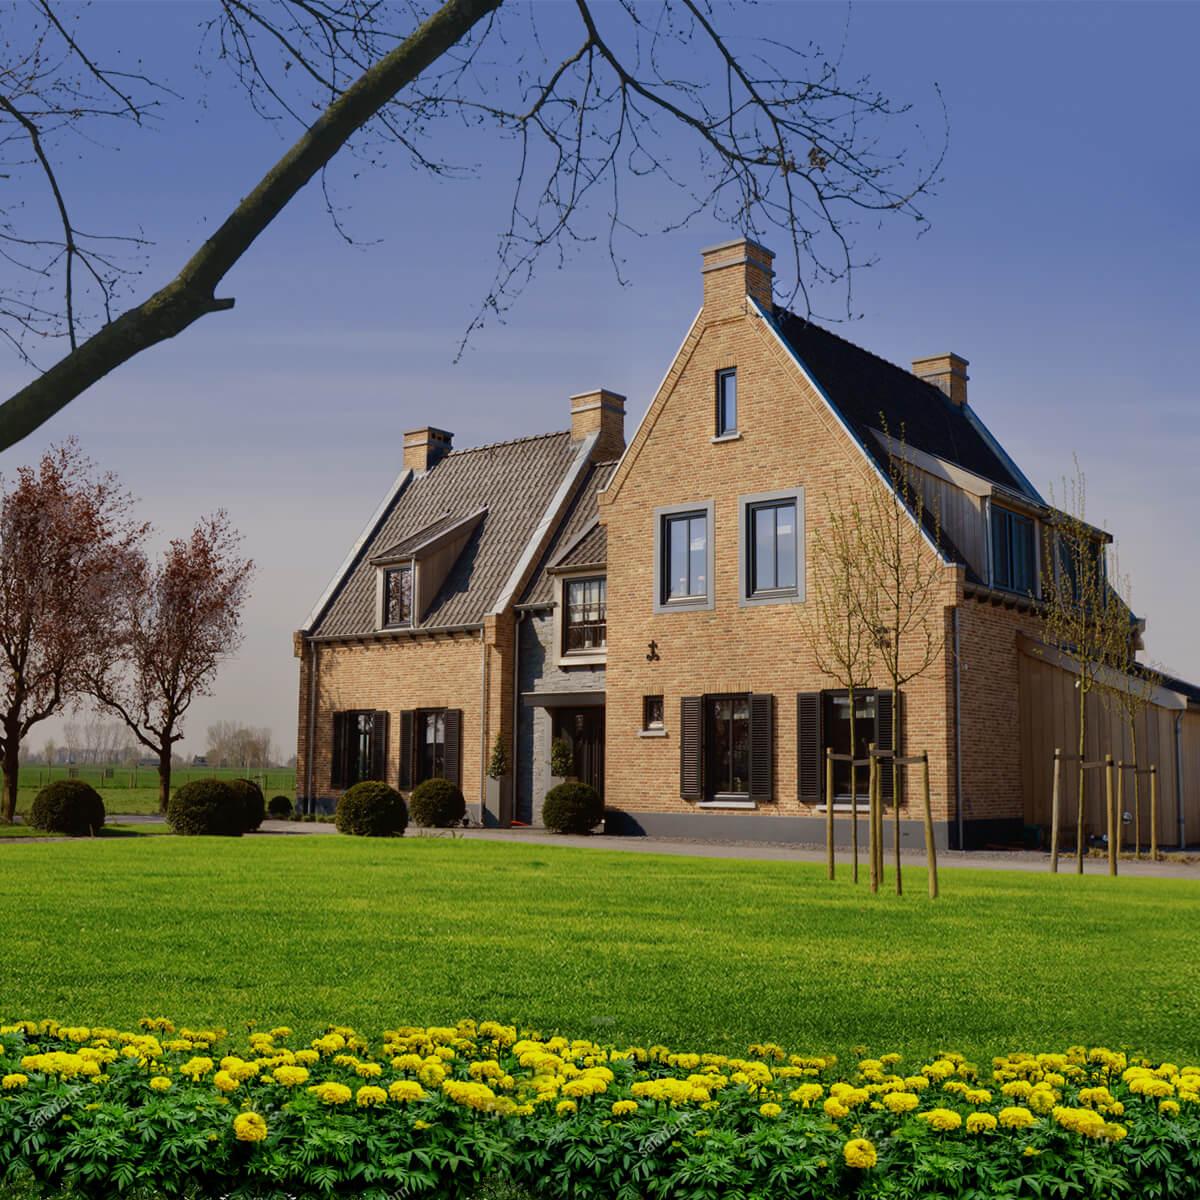 Nieuwe woning bouwen alles kan bij brummelhuis brummelhuis for Nieuwe woning bouwen